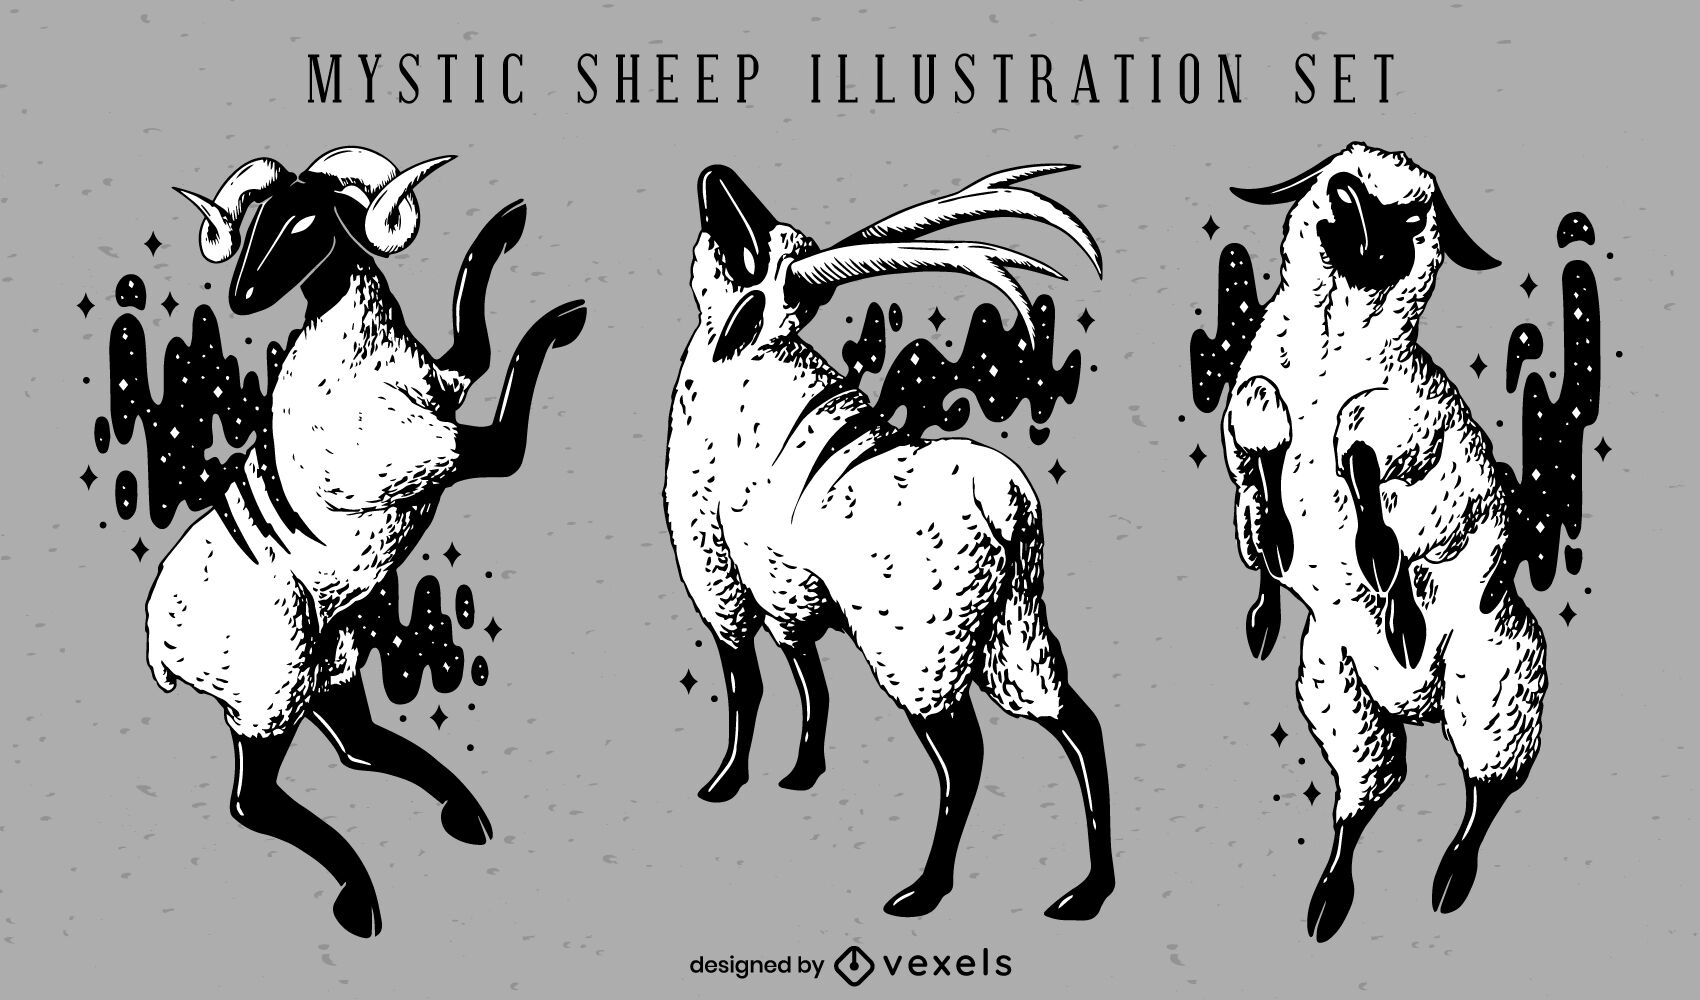 Conjunto de ilustración de animales de ovejas mágicas